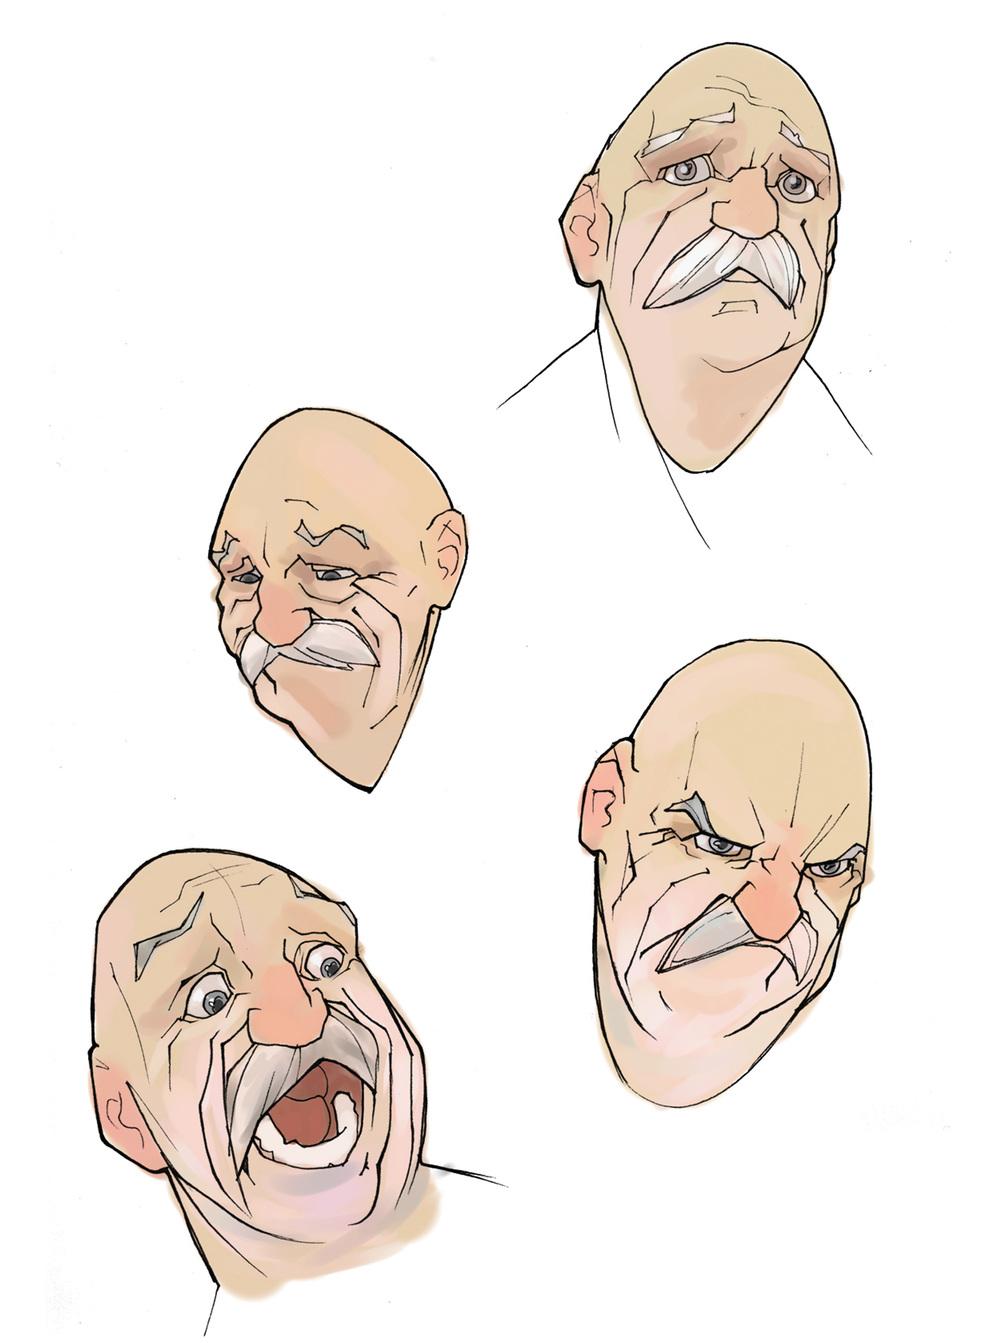 CharacterDesigns20.jpg